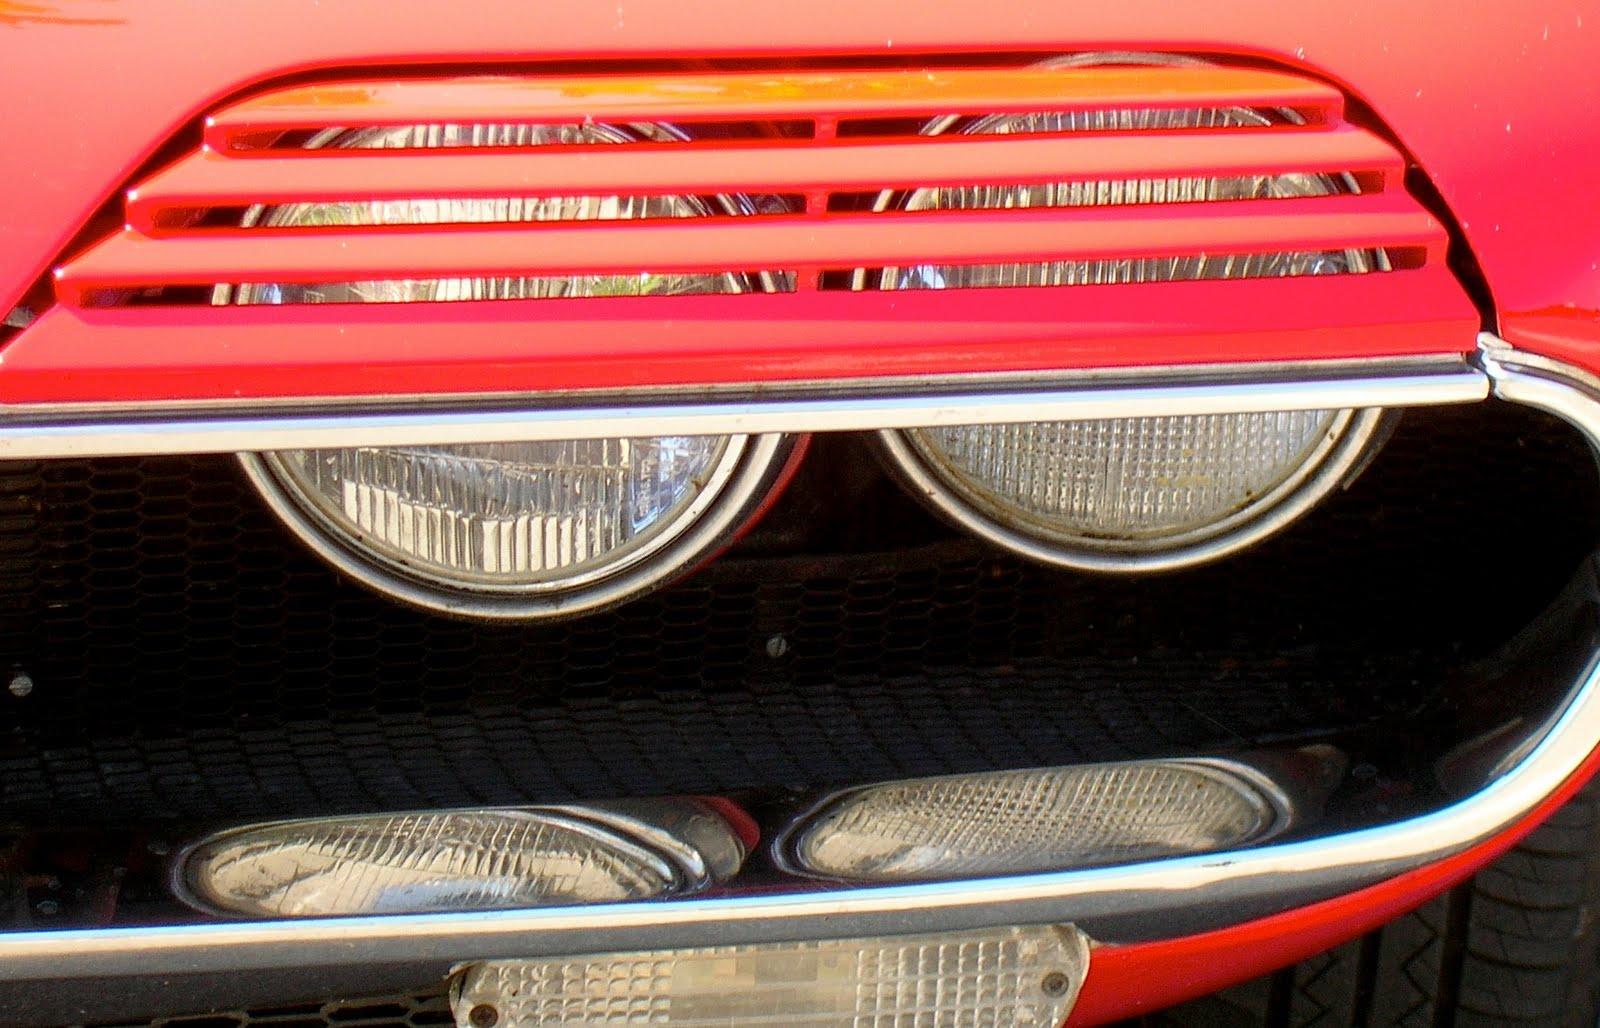 http://1.bp.blogspot.com/-3po4hnjQVyE/UAaE3MkU4RI/AAAAAAAAD9c/B48R-cFpe00/s1600/Alfa-Romeo+Montreal+V8.jpg